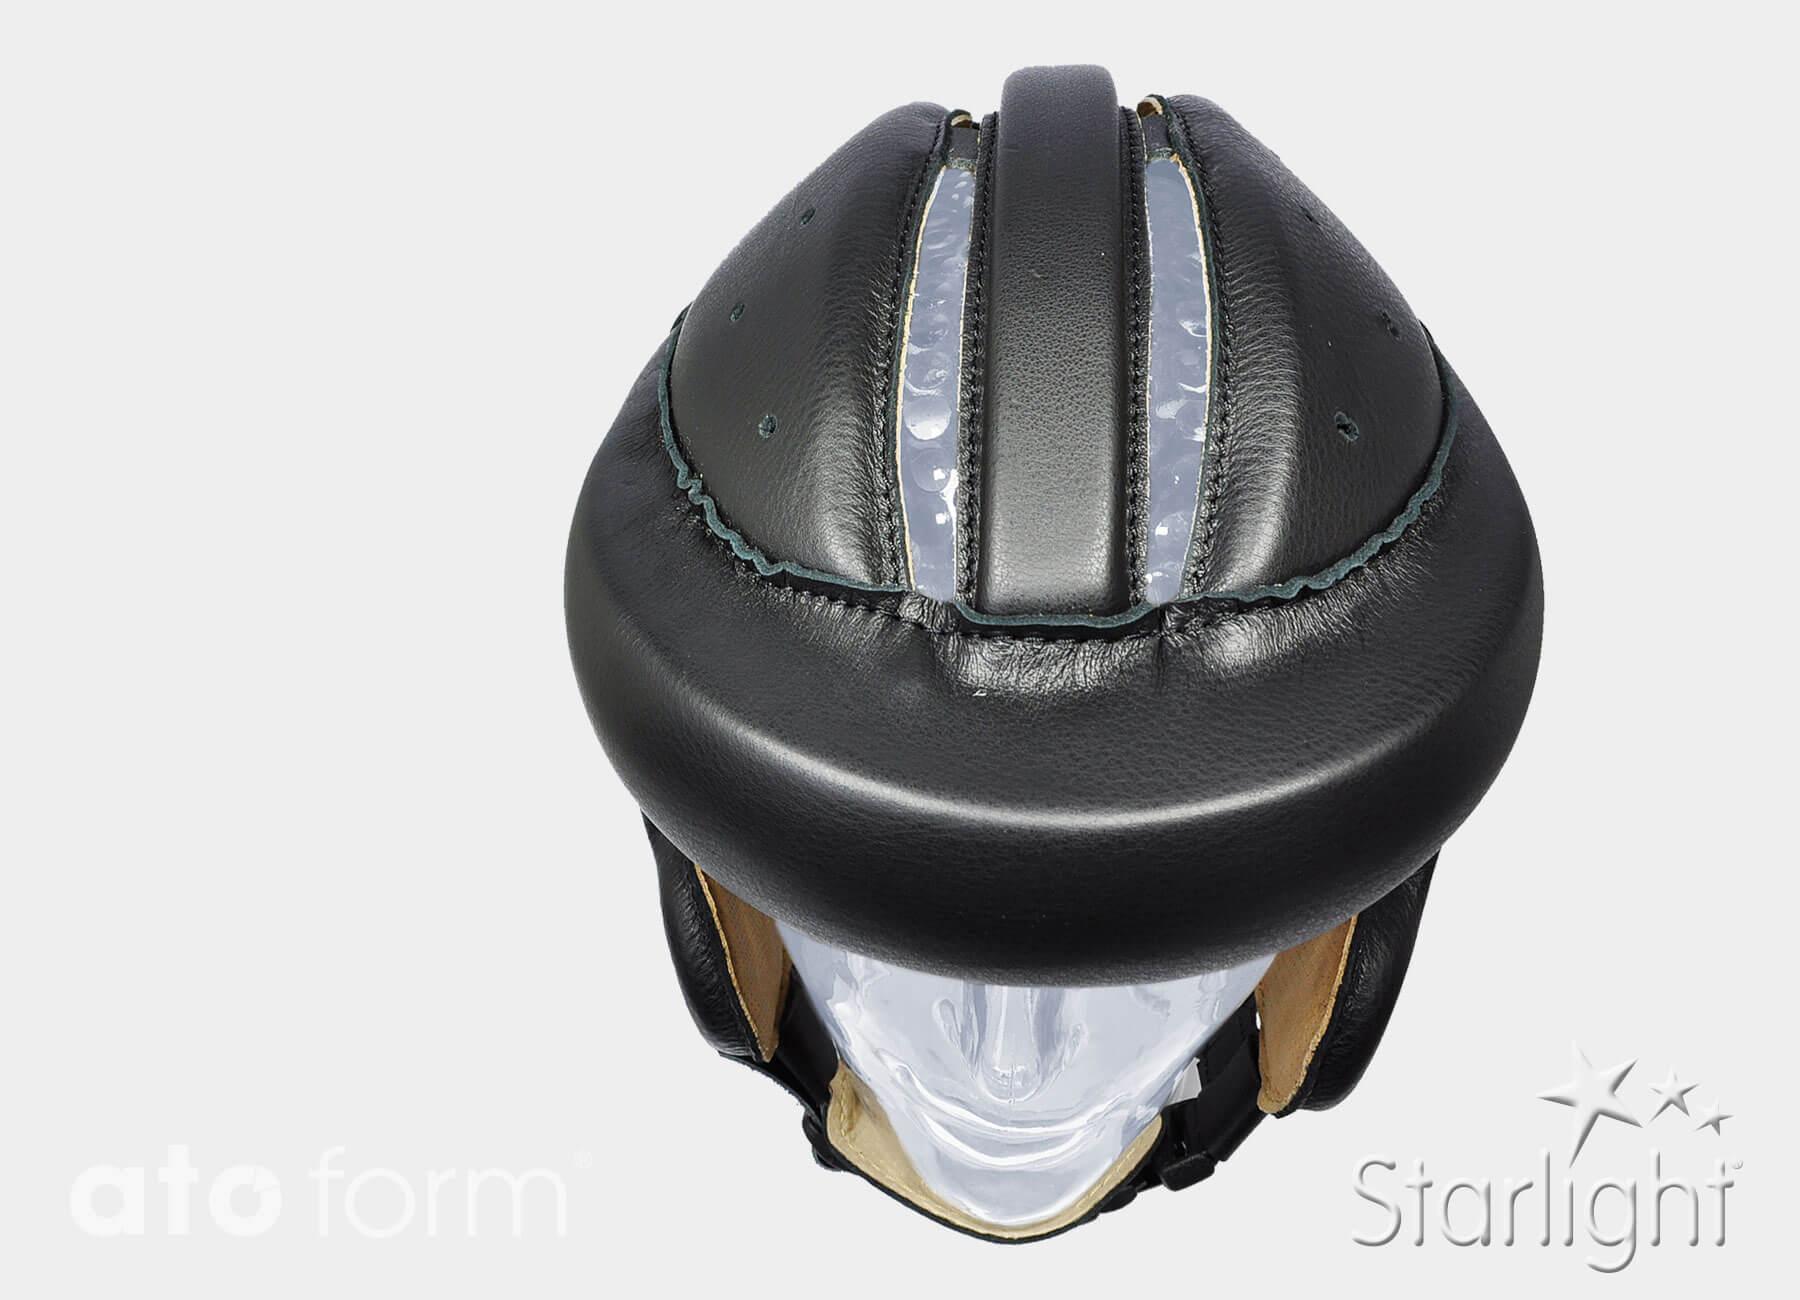 Starlight Protect Plus gedeeltelijk gesloten